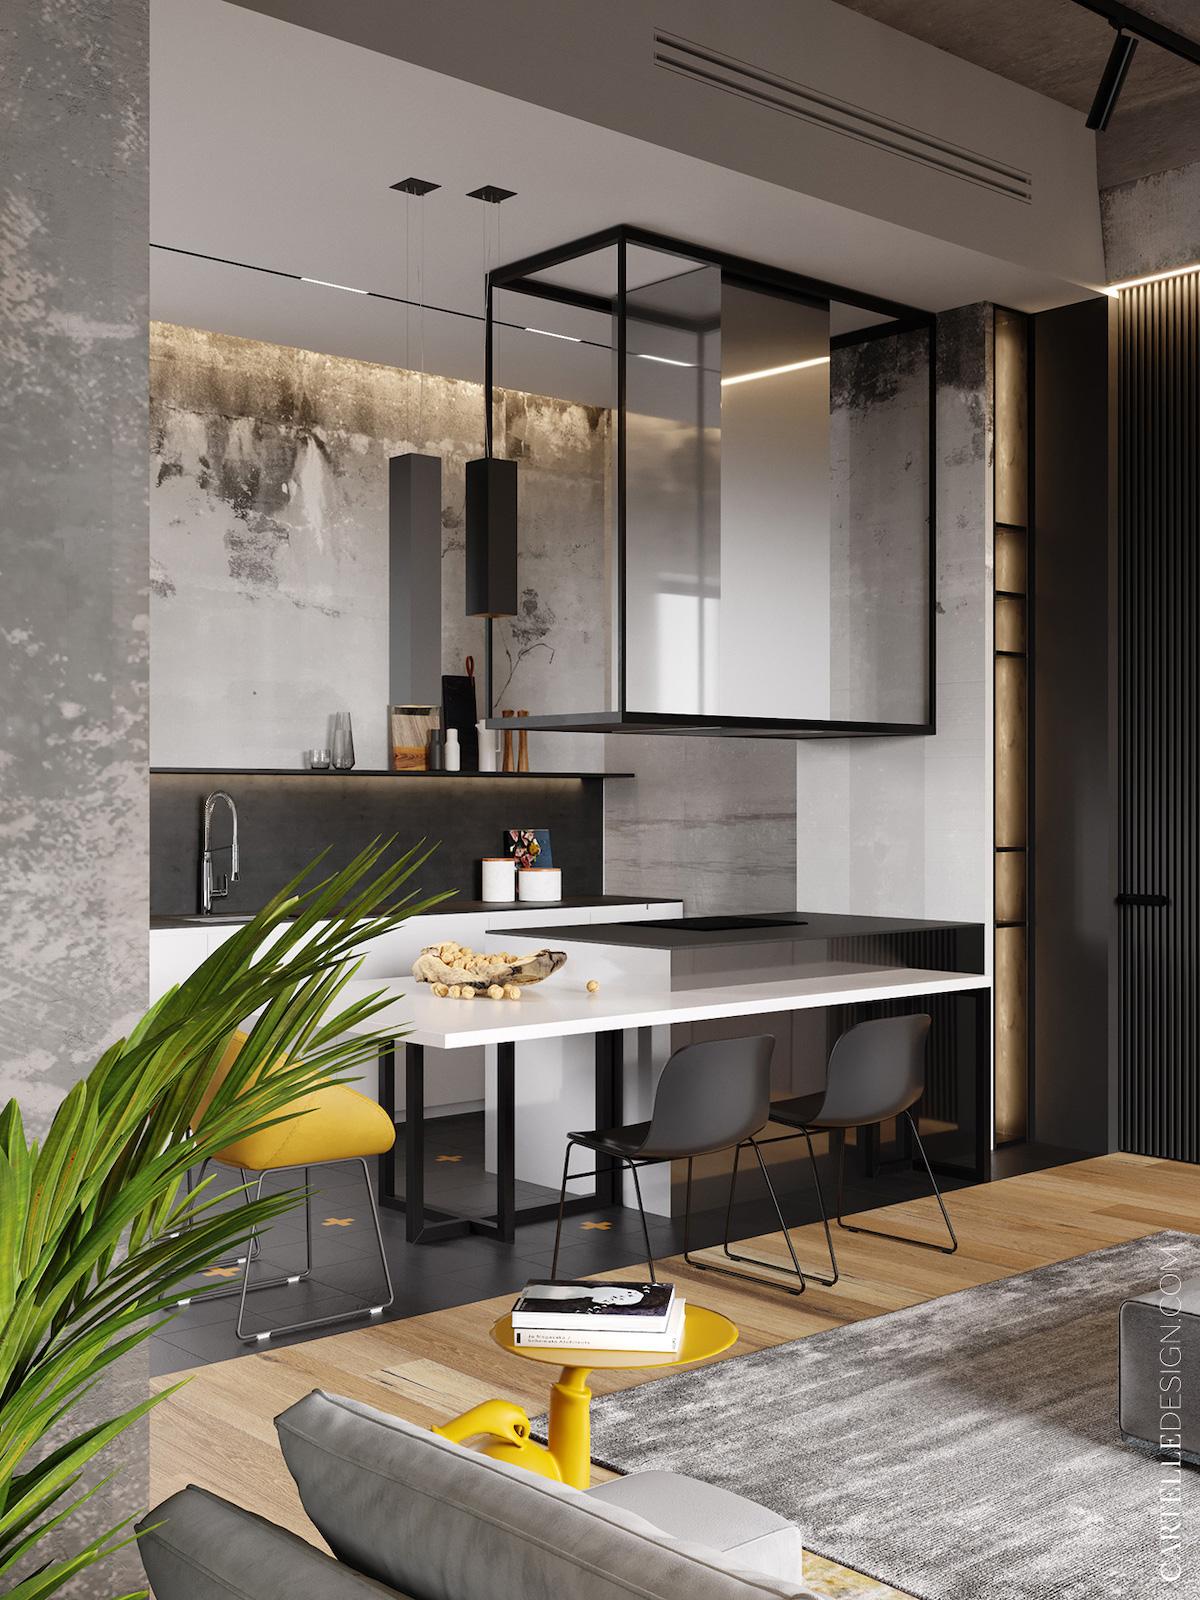 cuisine ouverte blanche noire chaise jaune style loft à Moscou